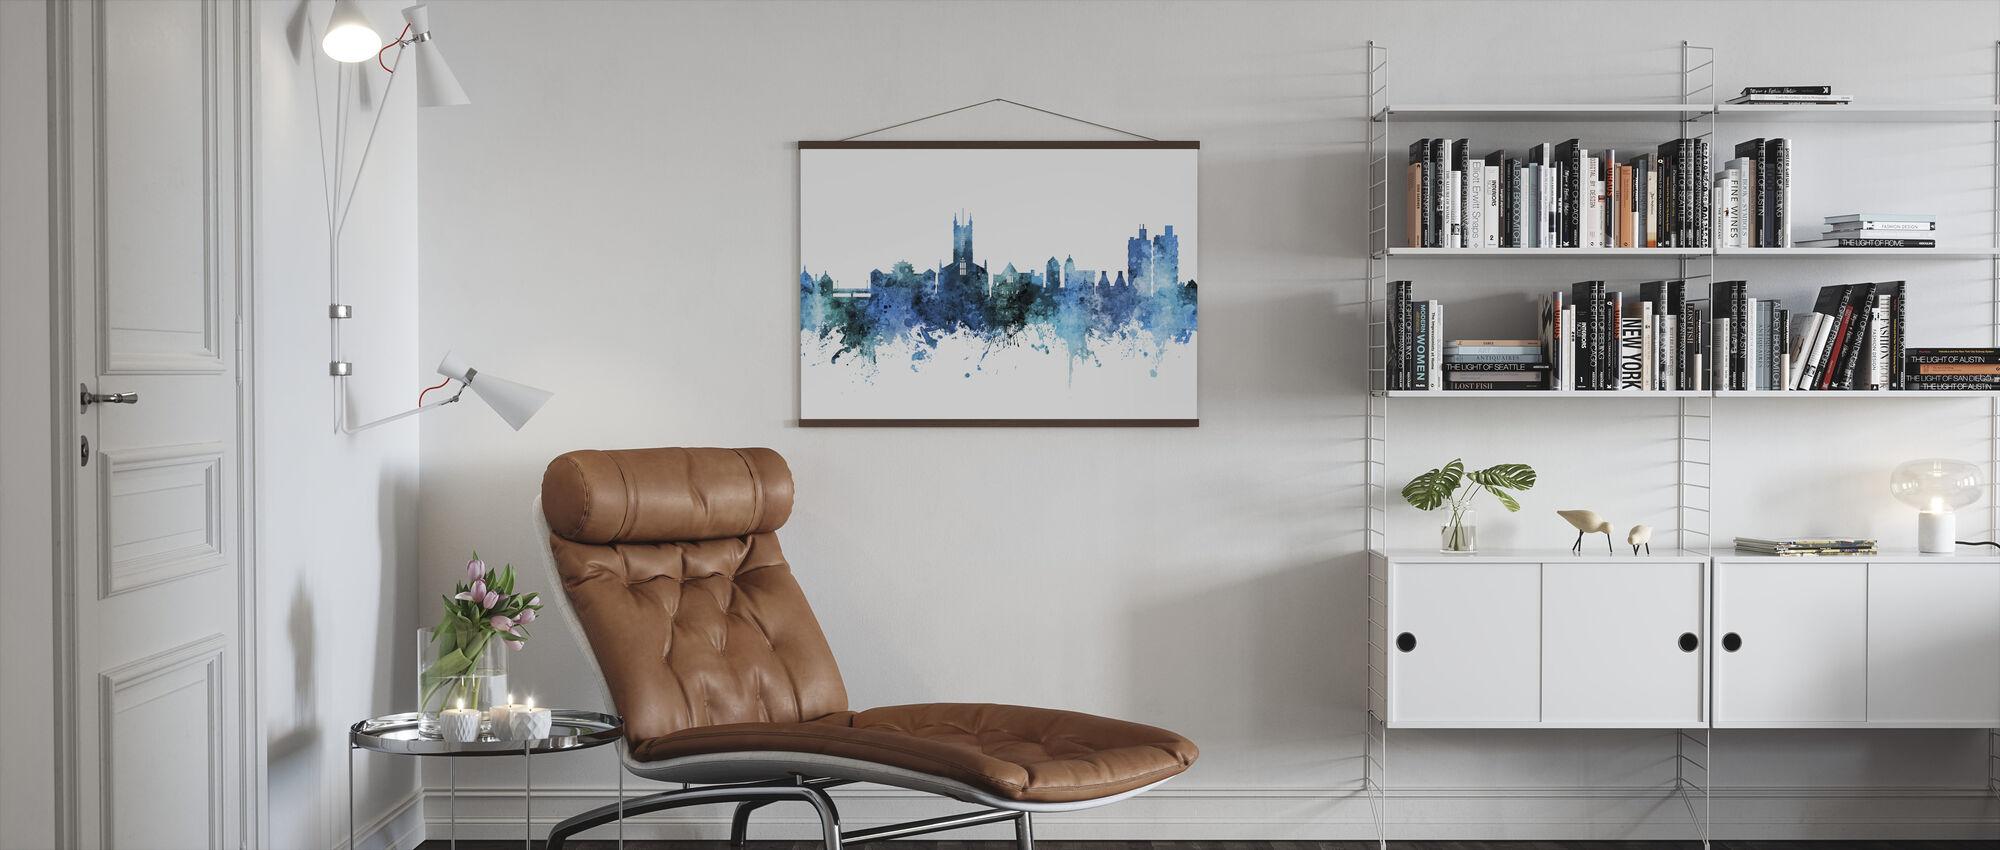 Stoke-on-Trent England Skyline - Poster - Living Room